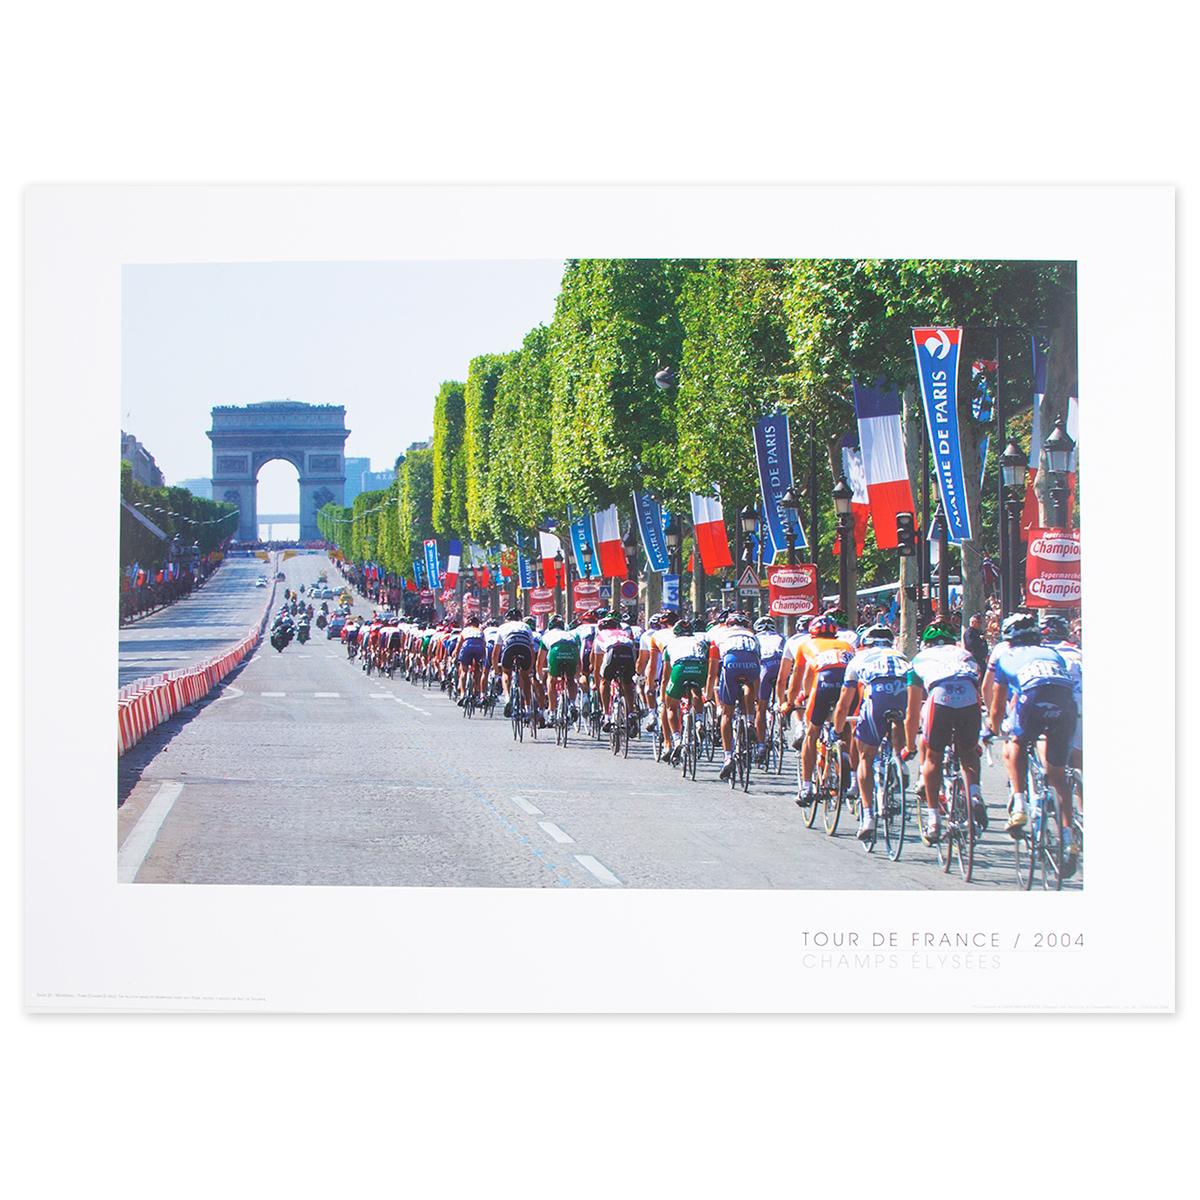 2004 Tour de France - Champs Elysee Poster